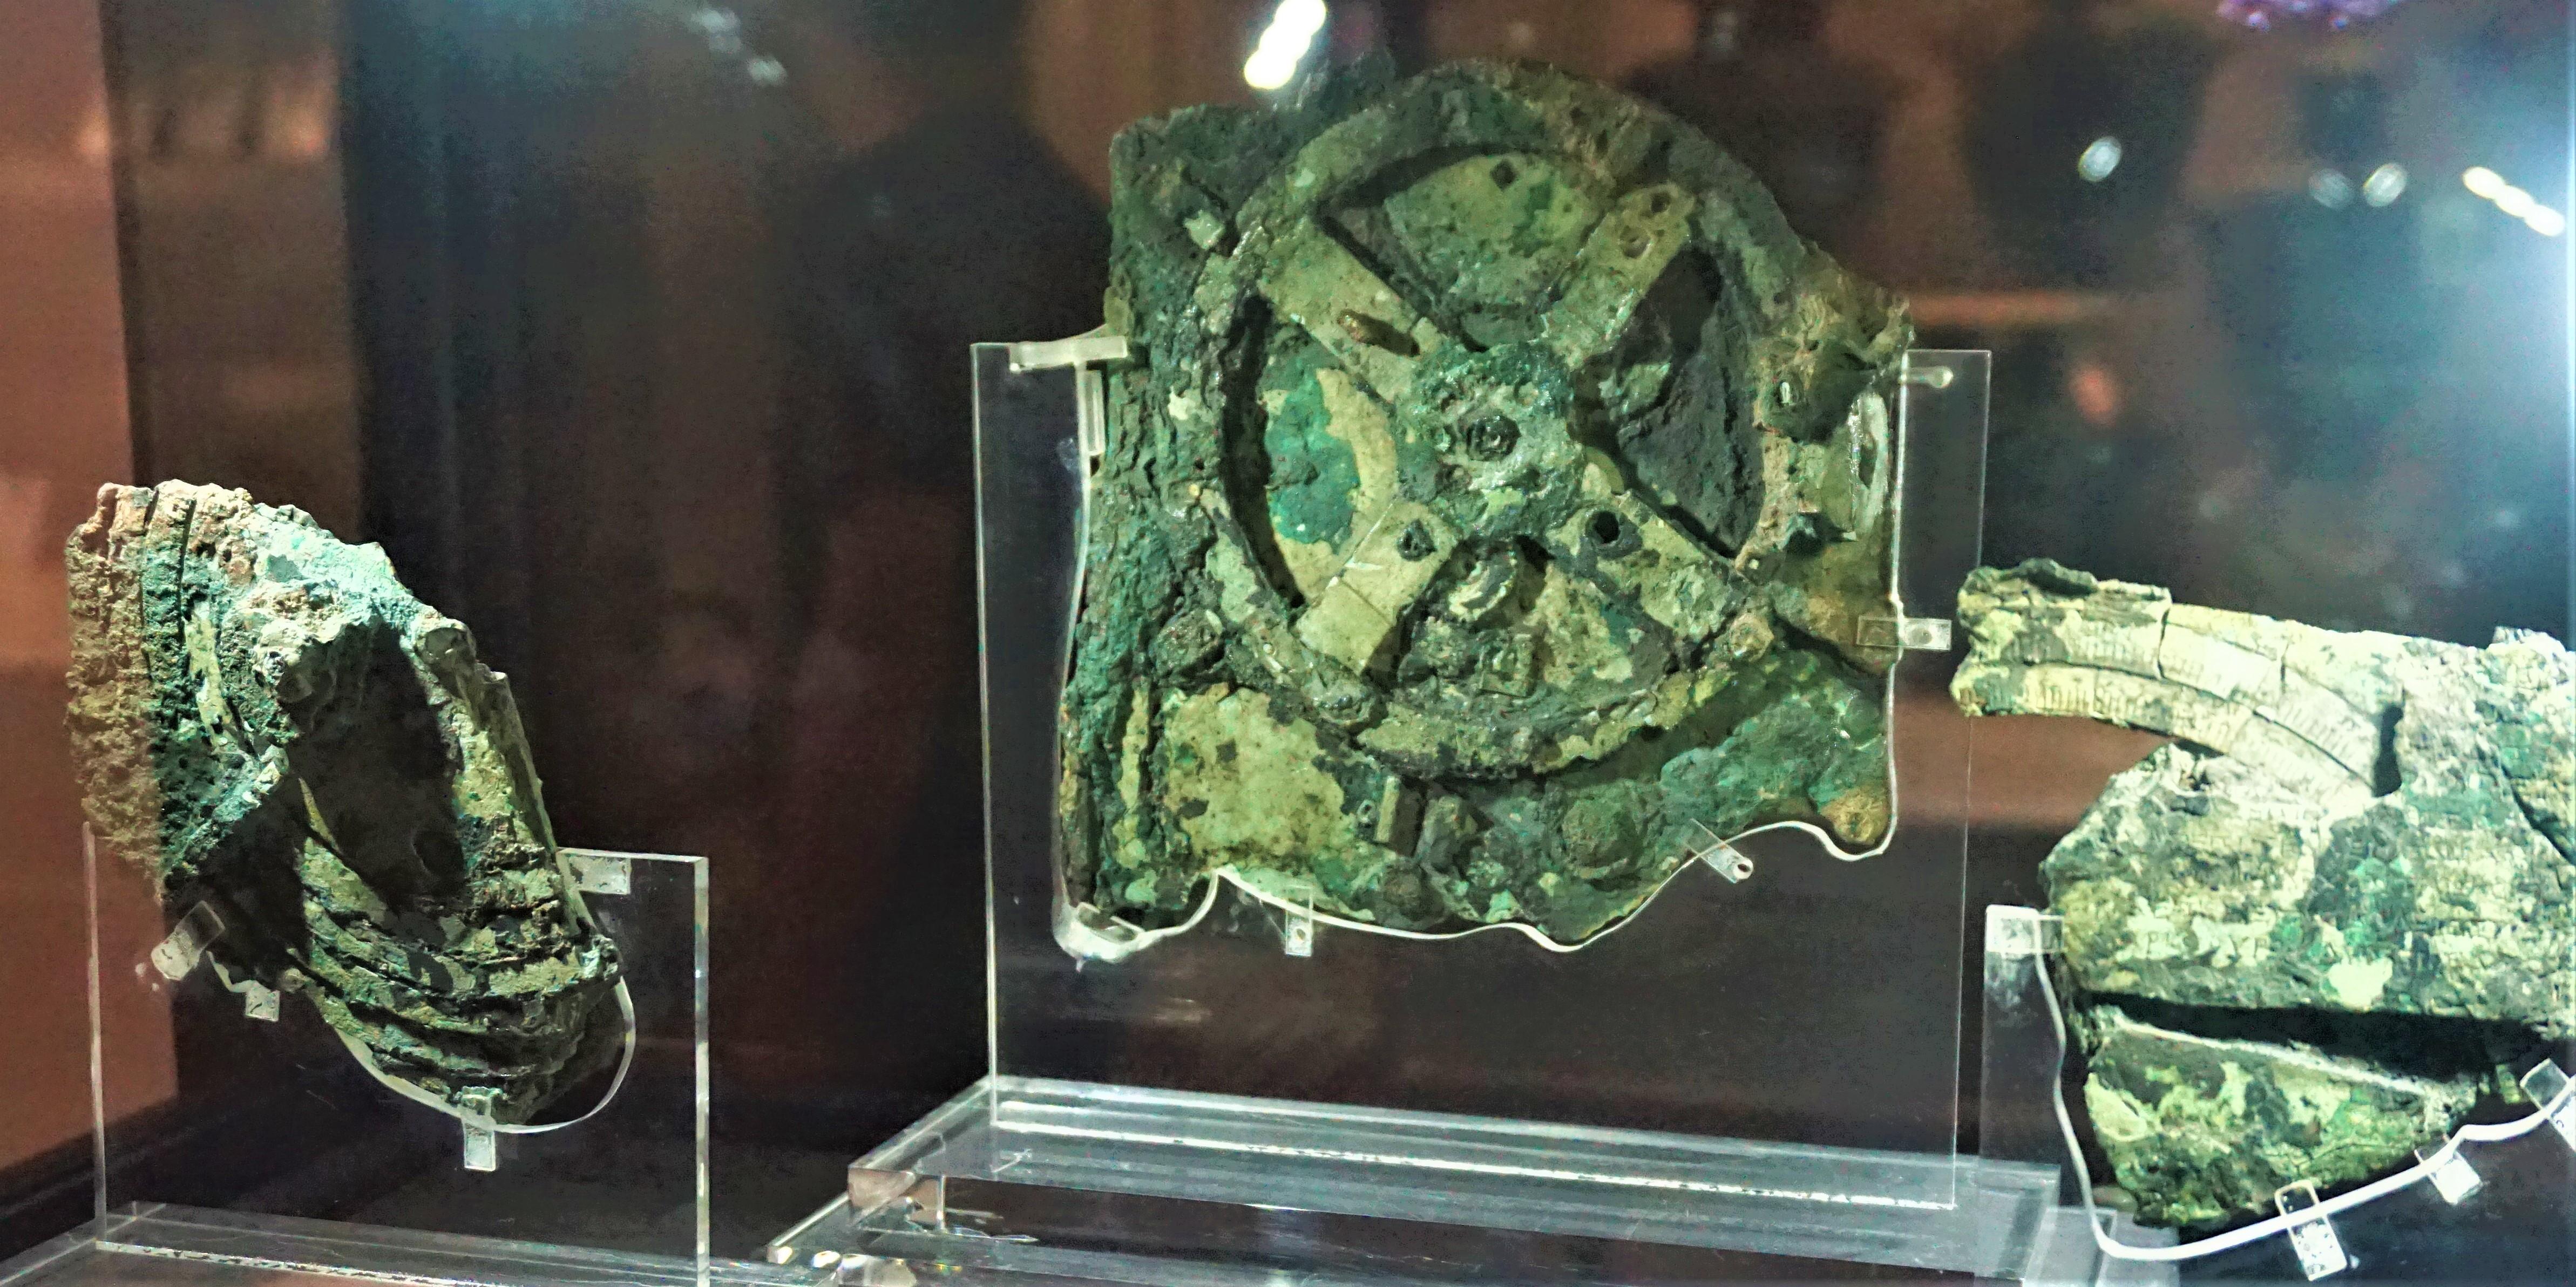 Giải mã bí ẩn máy tính hơn 2.000 năm trước, và có được cái nhìn về vũ trụ trong con mắt của người Hy Lạp cổ đại - Ảnh 1.